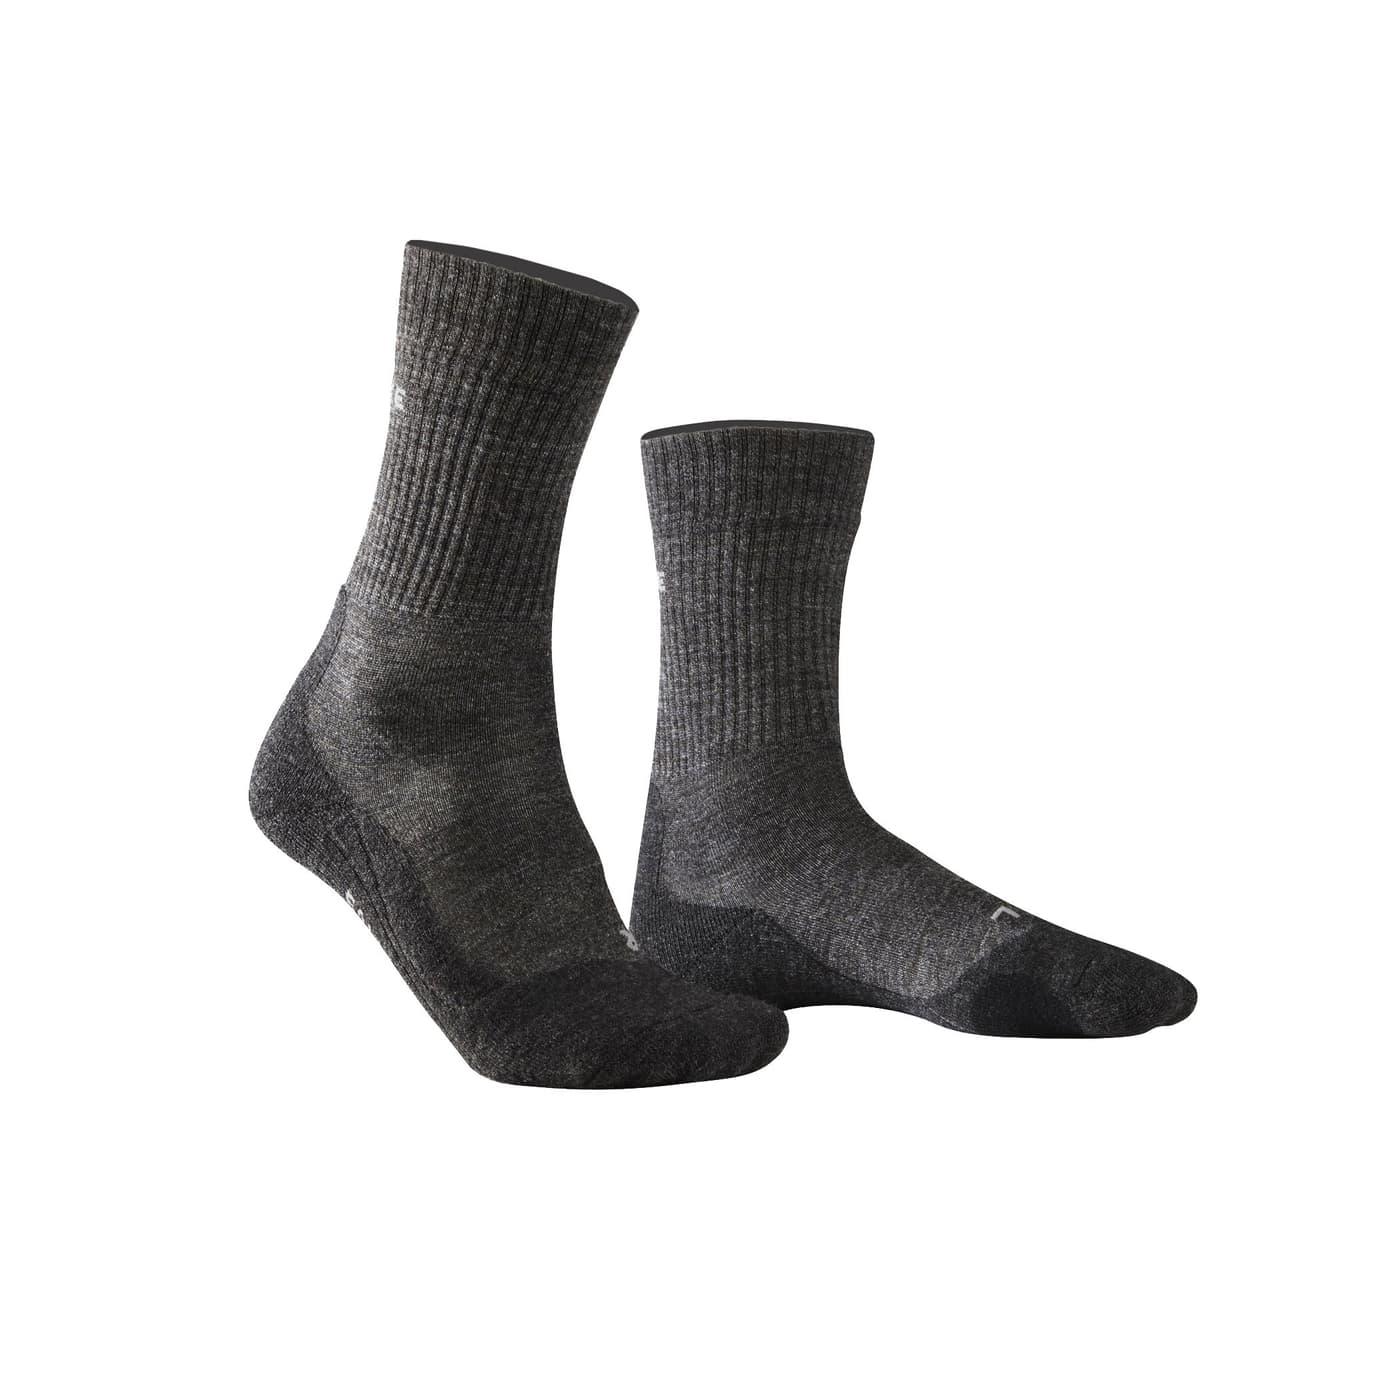 Online kaufen billiger Verkauf Qualität und Quantität zugesichert Falke TK2 Wool Men Herren-Trekkingsocken